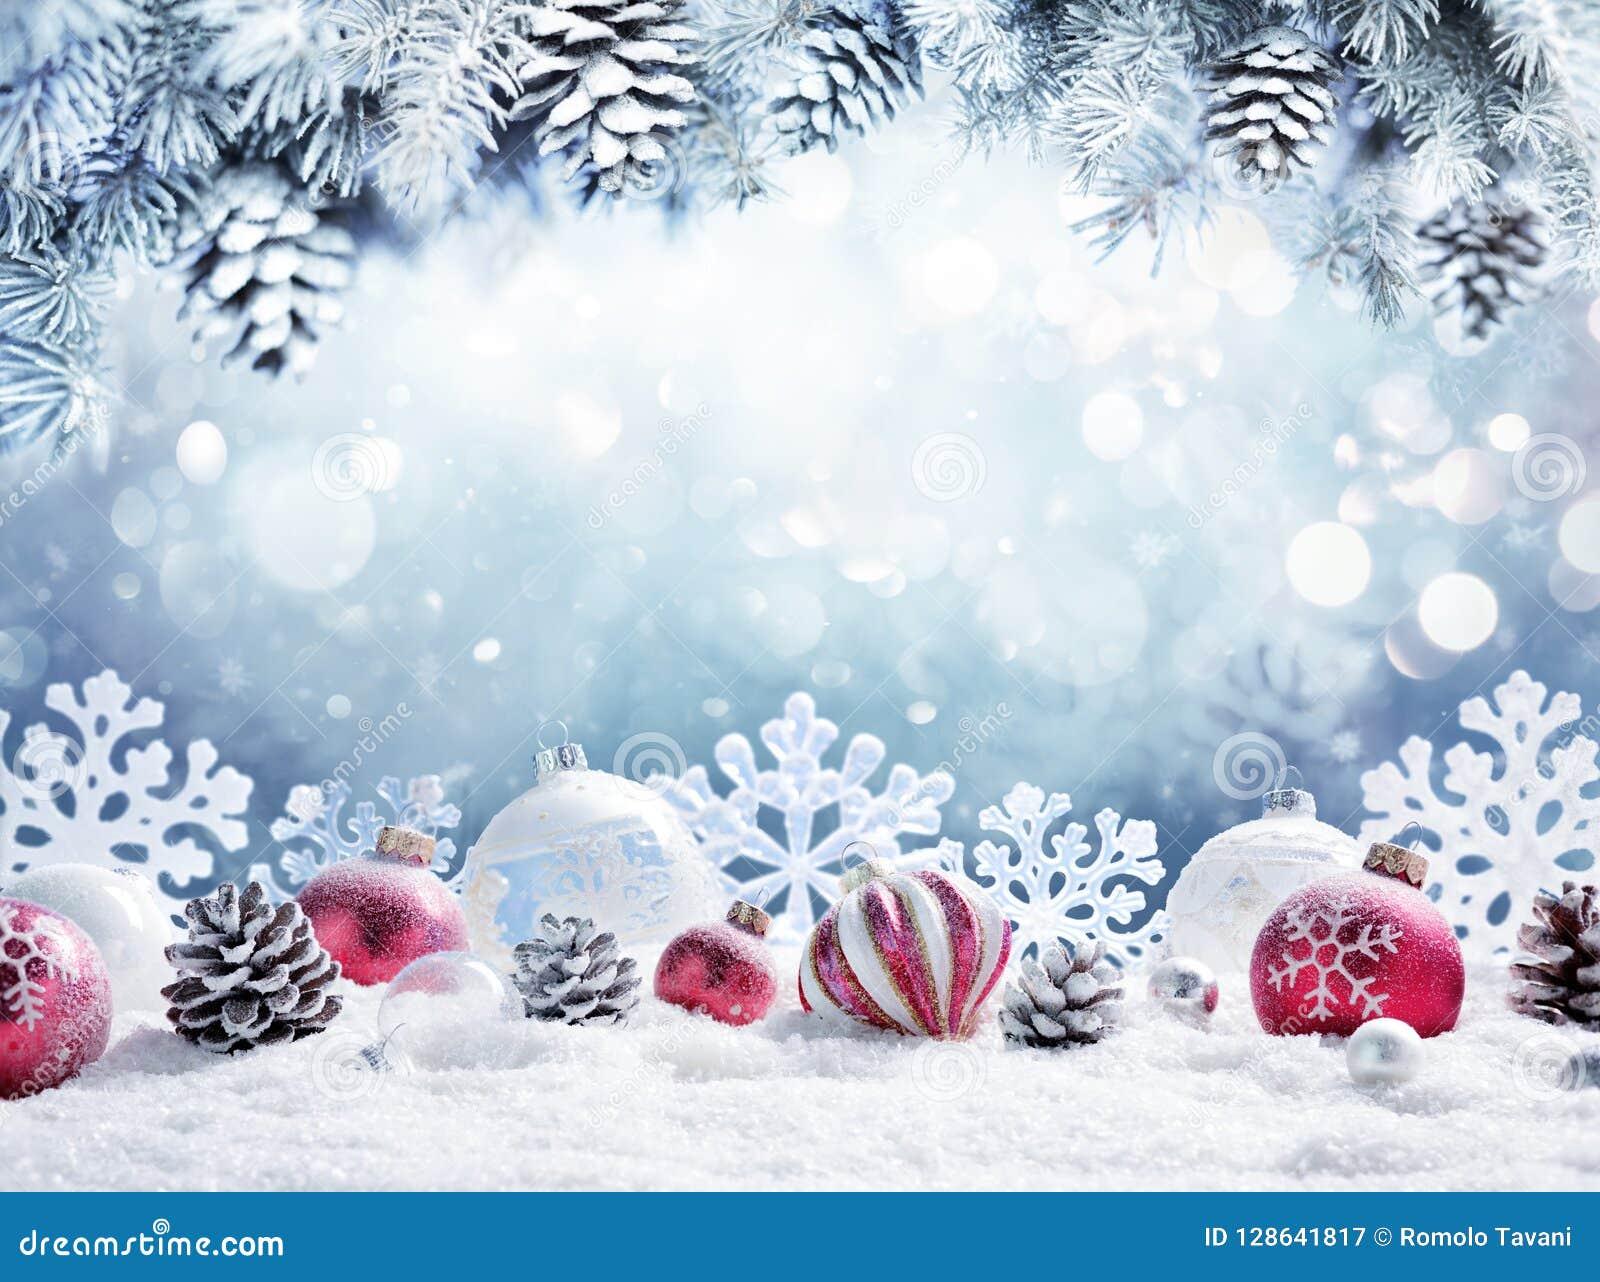 Christmas Card - Baubles On Snow